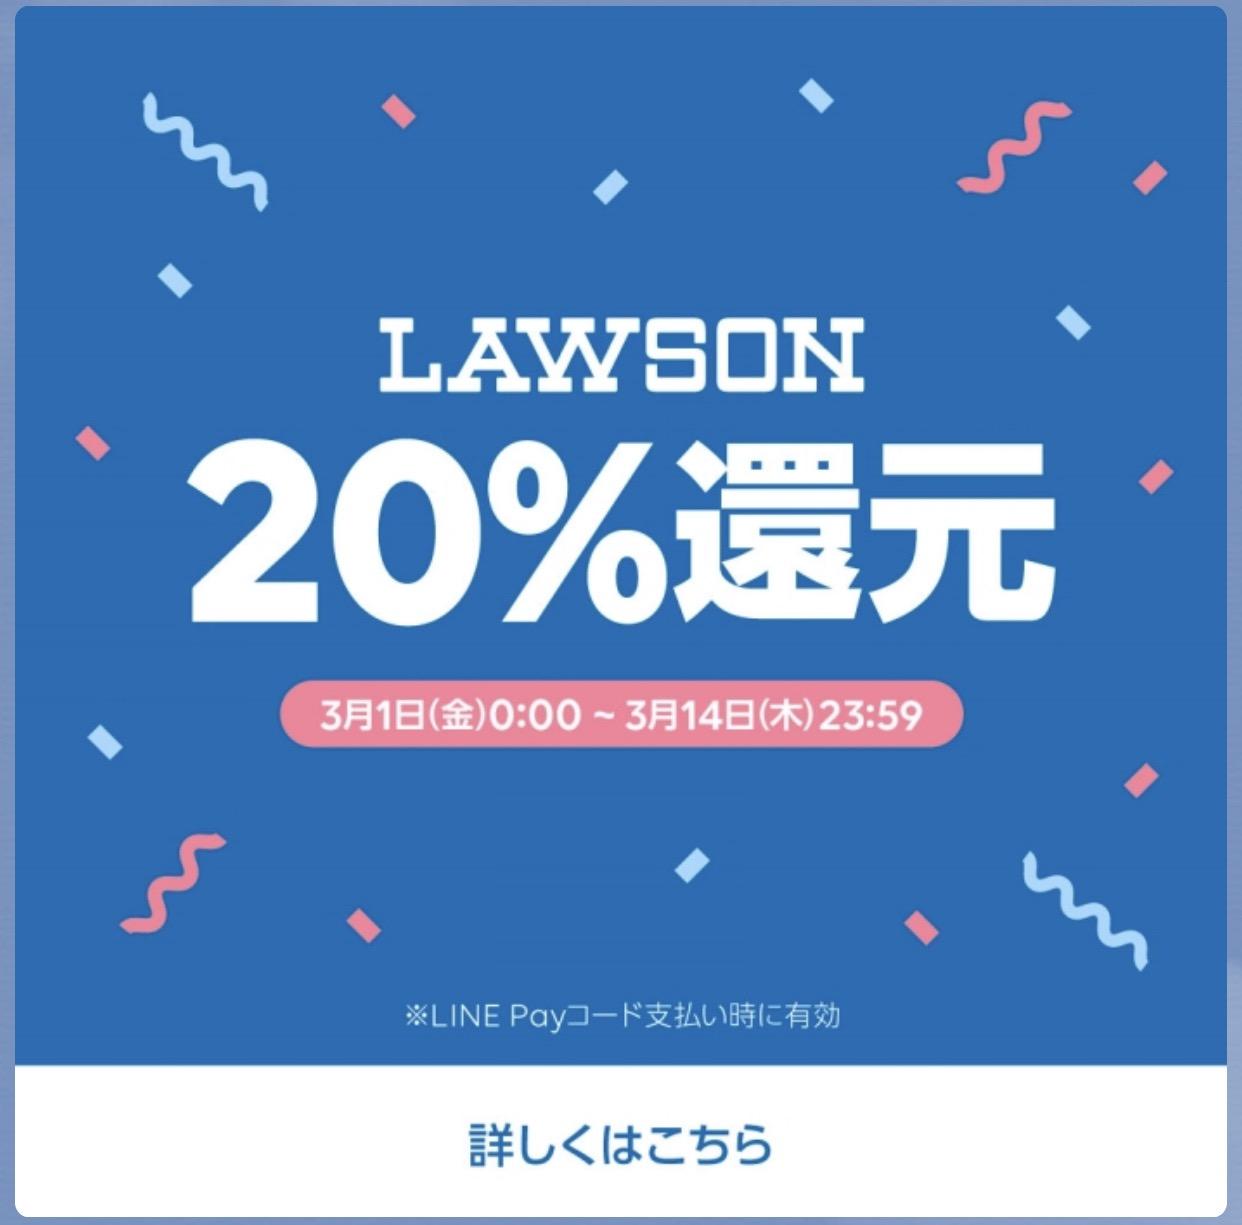 【LINE Pay】ドラッグストア&ローソンで20%還元!松屋は200円毎クーポン配布!怒涛のキャンペーンを実施中